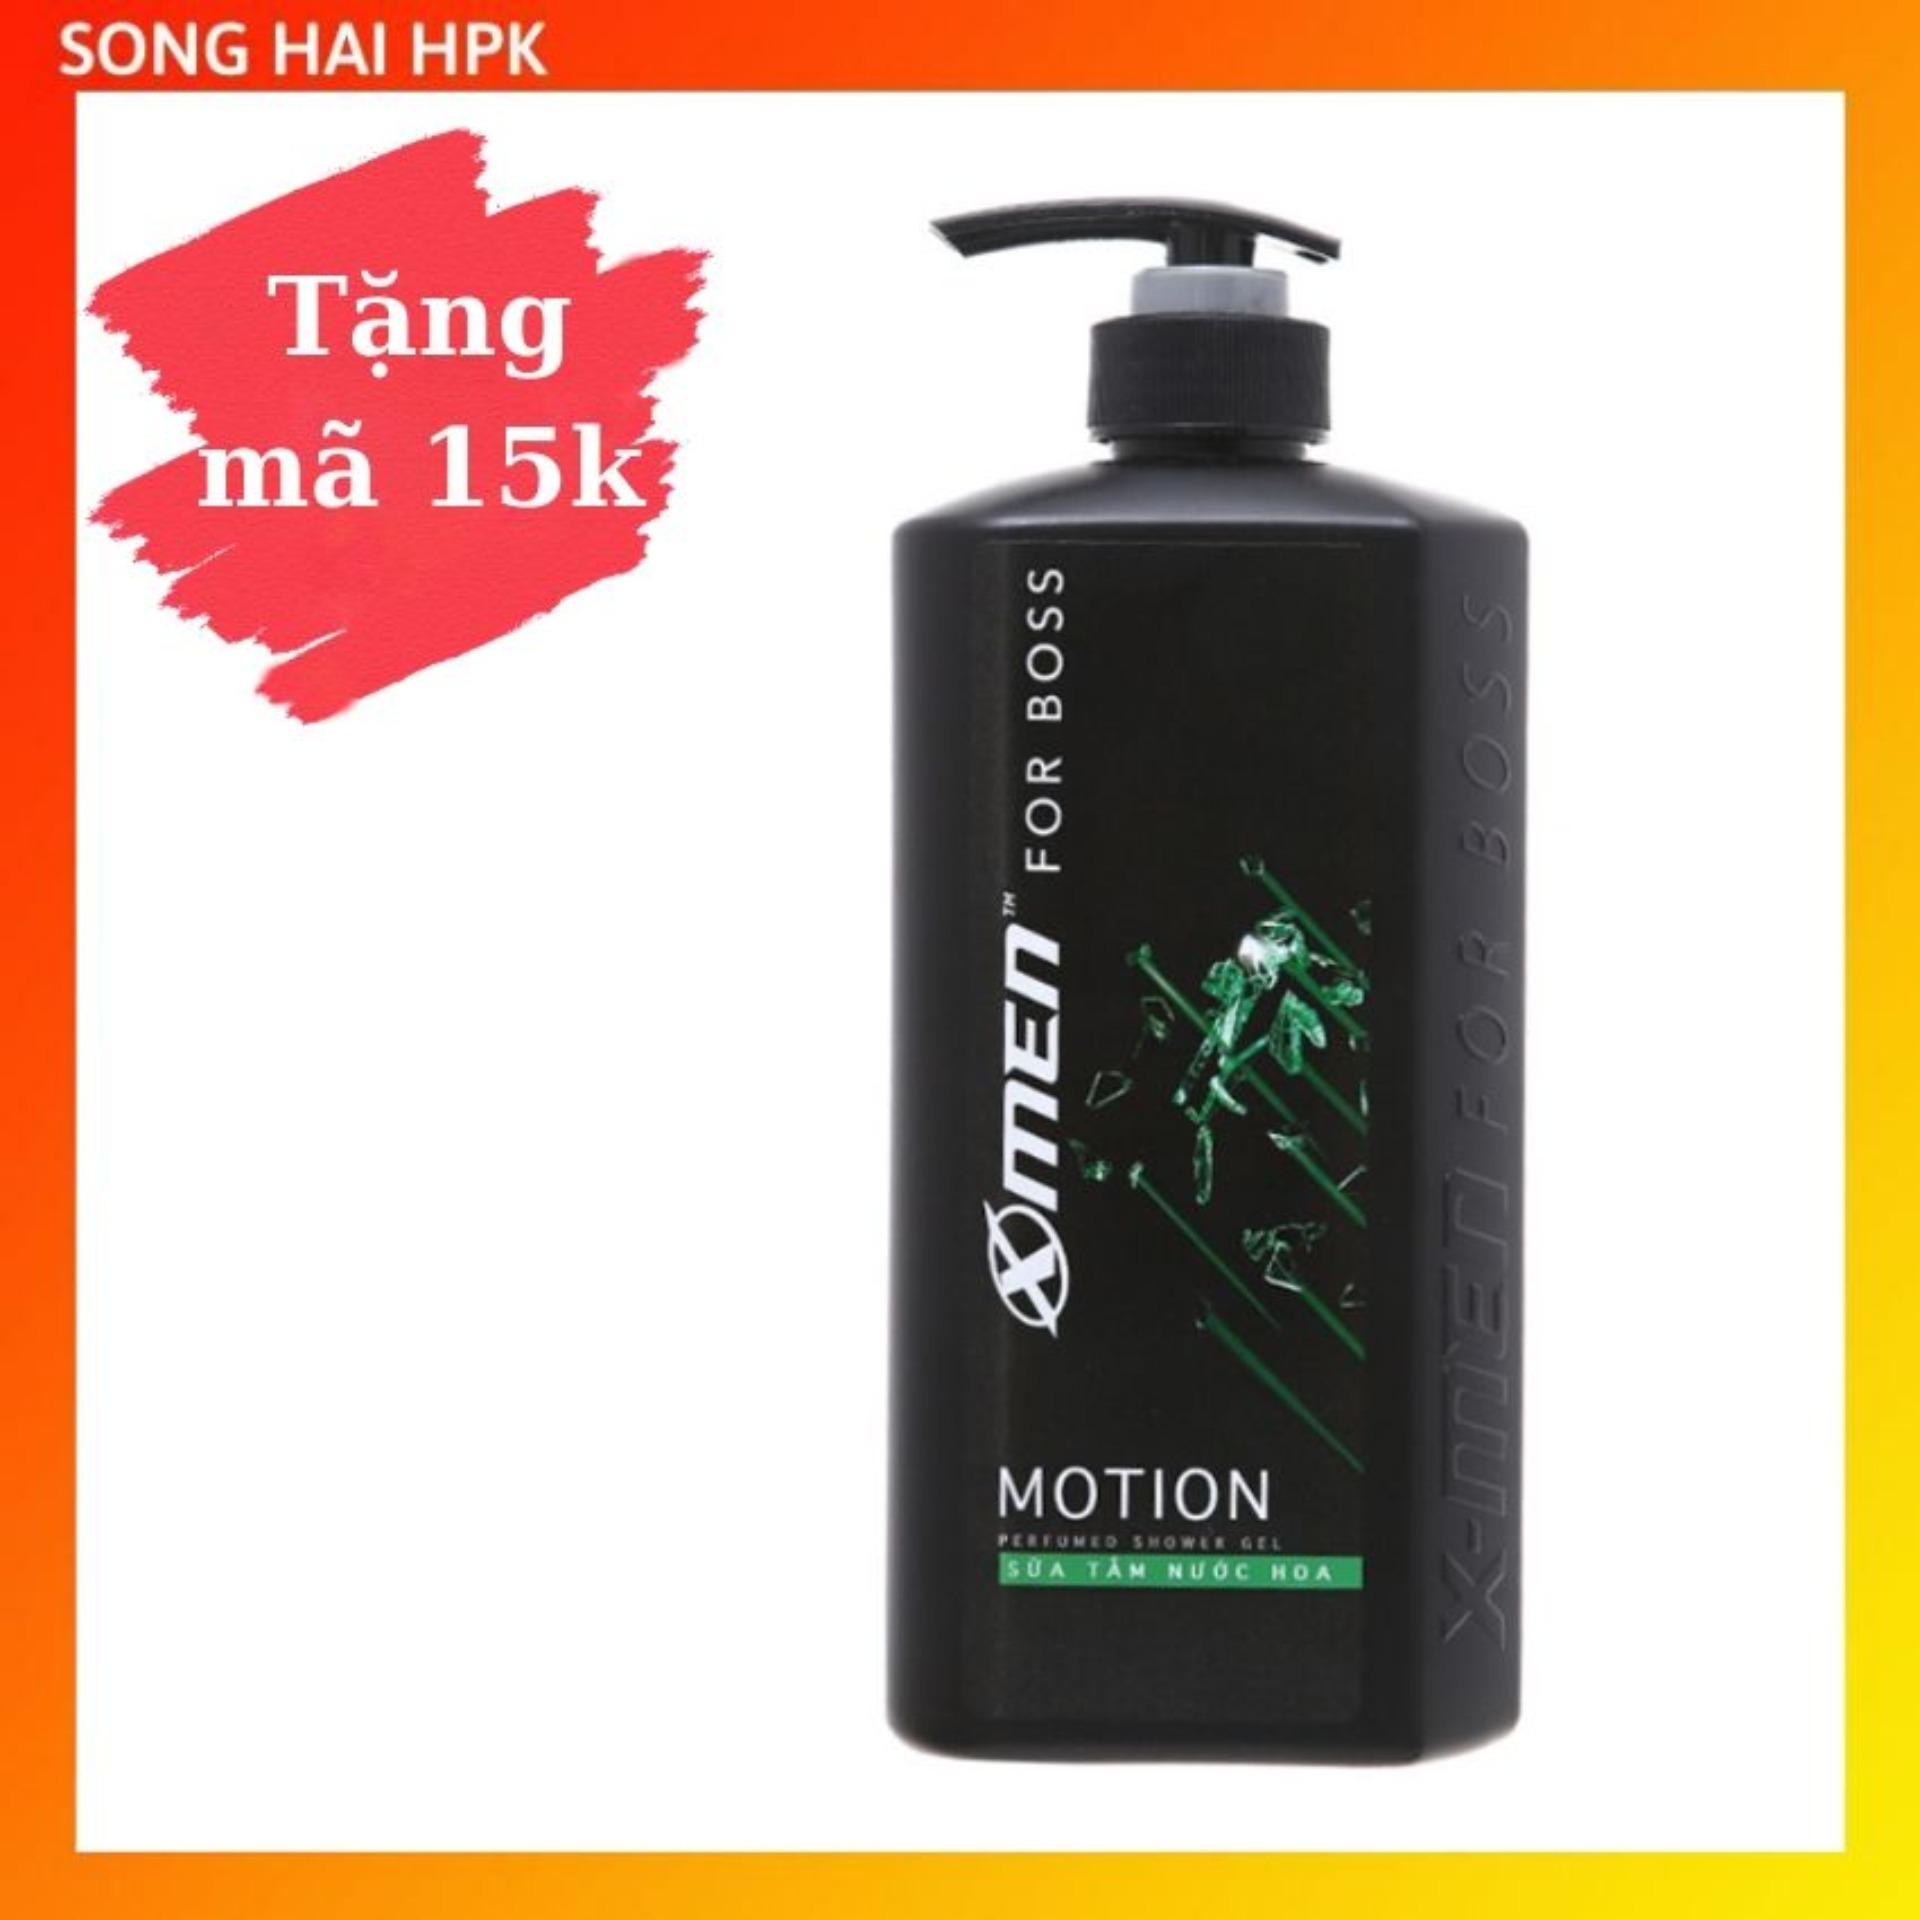 Sữa tắm nước hoa X-Men For Boss Motion - Hương thơm năng động và phóng khoáng 650g Songhaihpk nhập khẩu